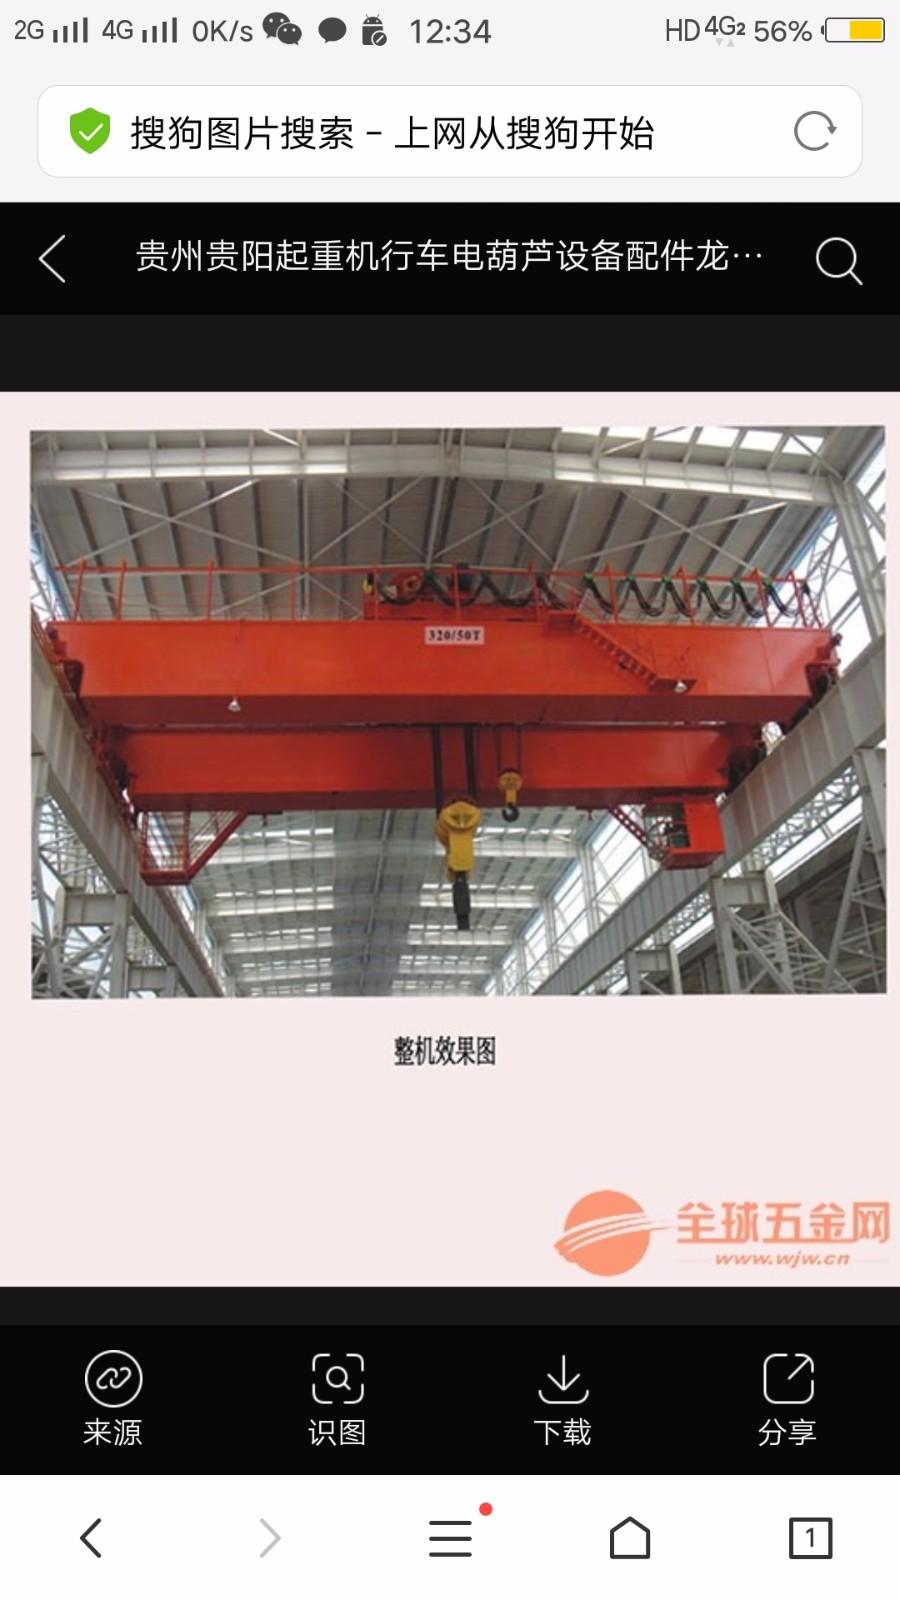 南昌起重设备-桥式起重机|厂家制造15180193900